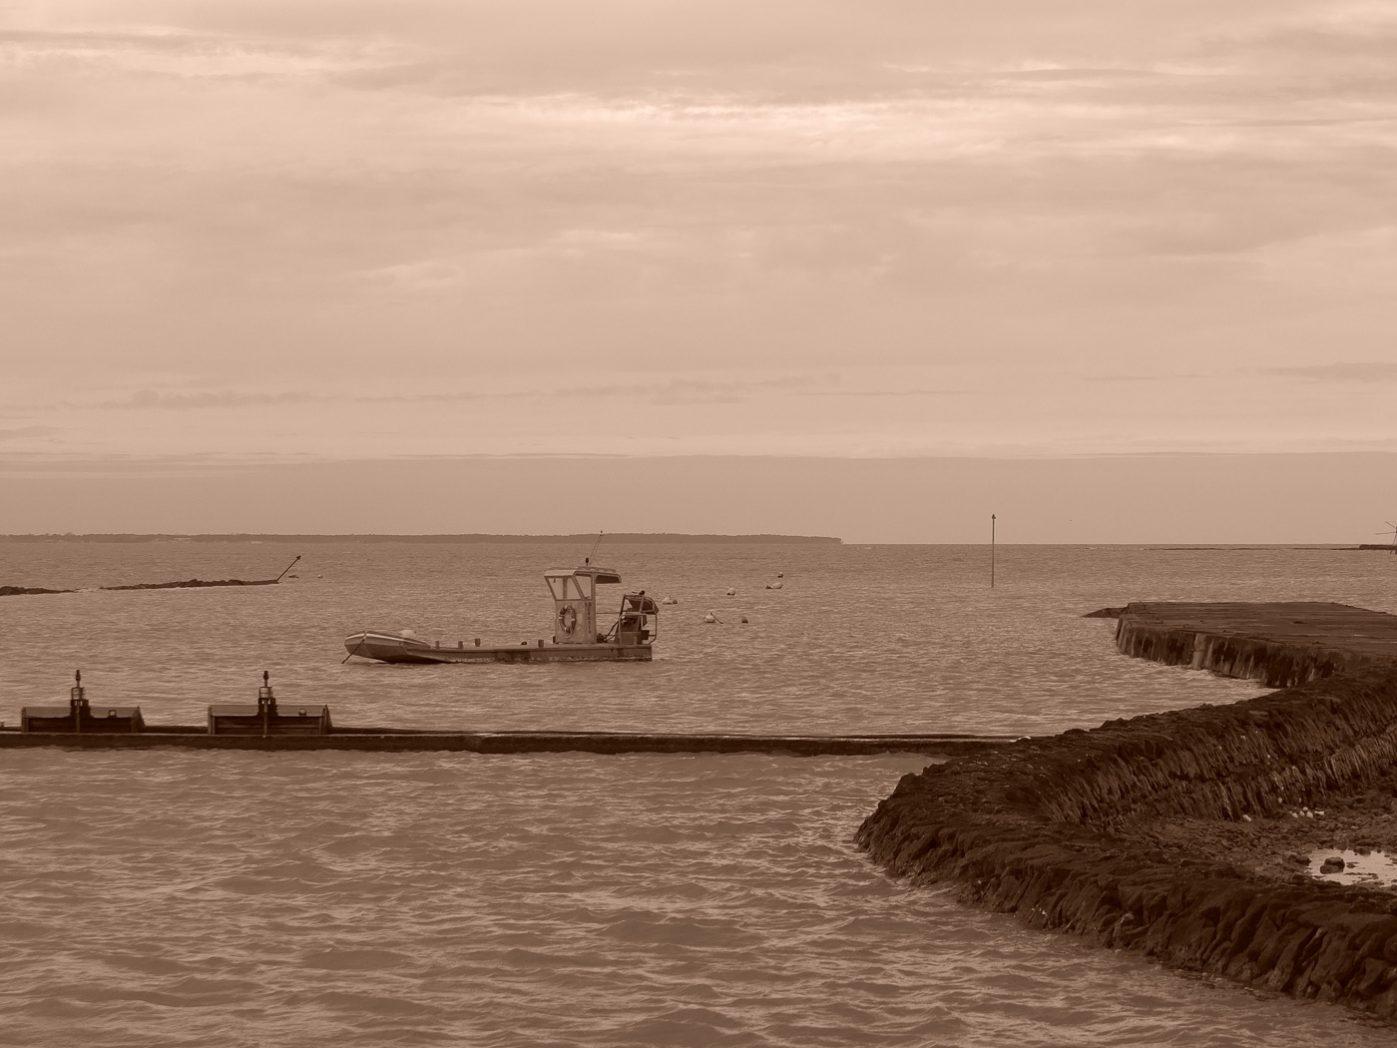 Les Anses - Port-des-Barques